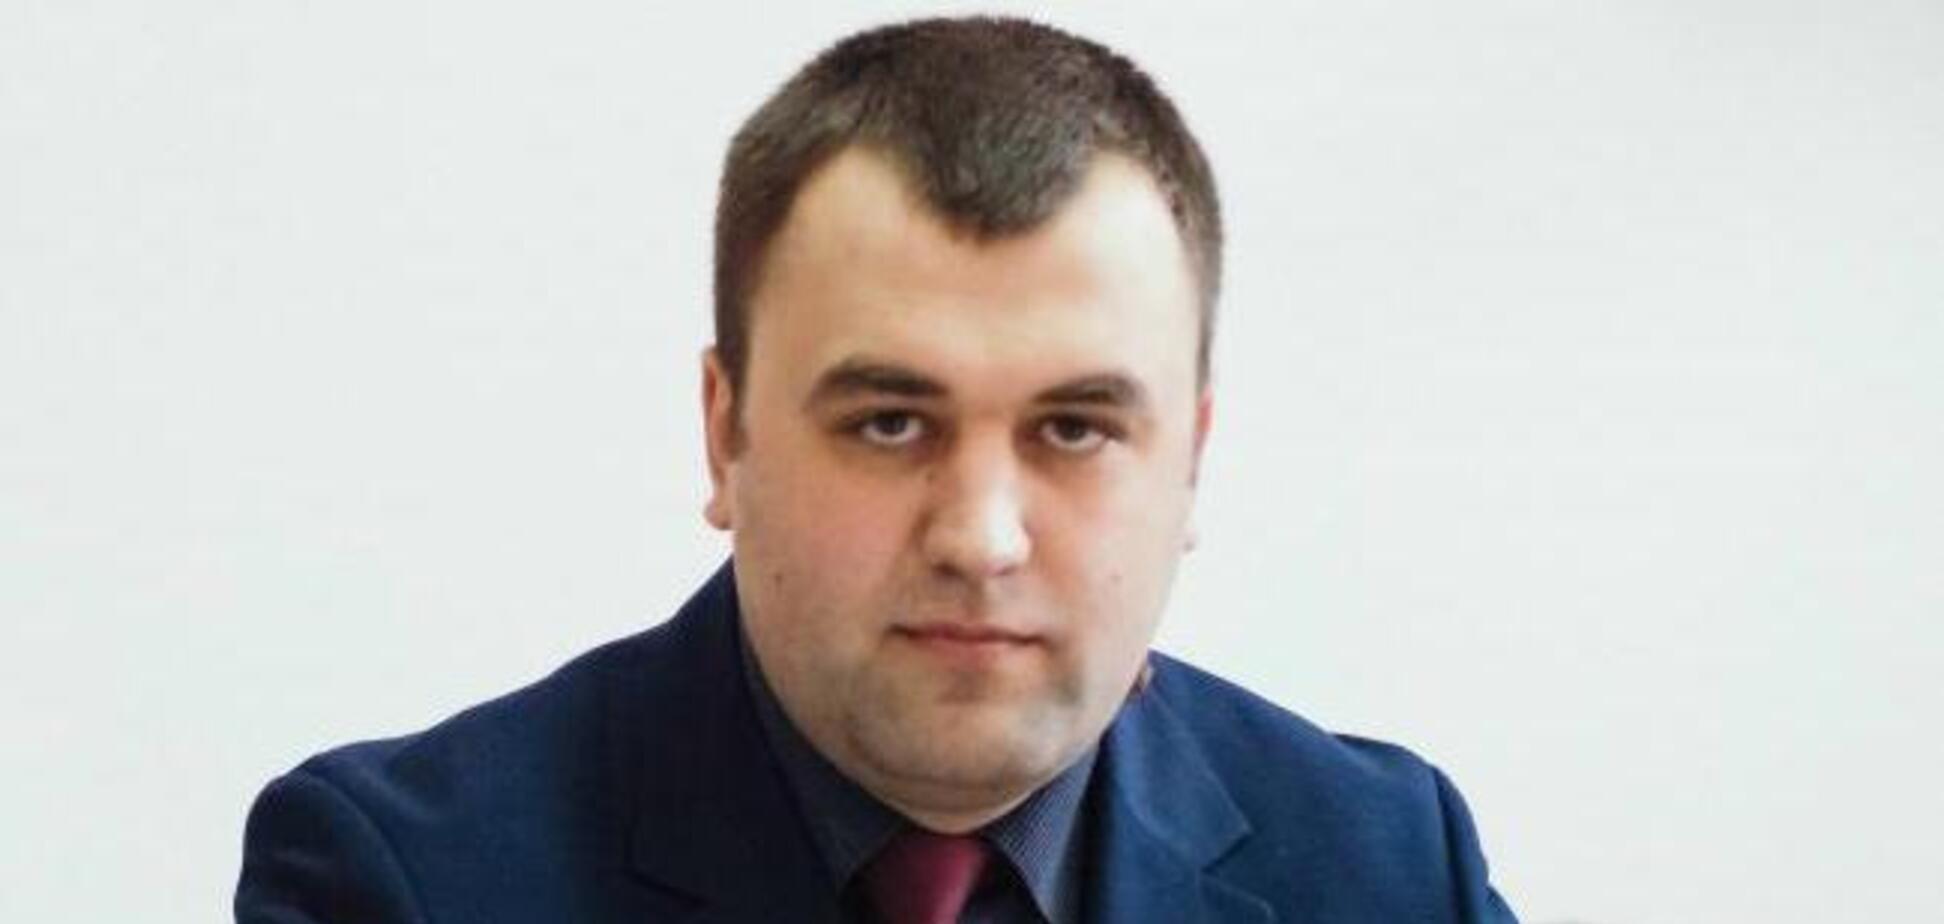 У Рівному знайшли застреленим молодого високопосадовця Іллю Карпова